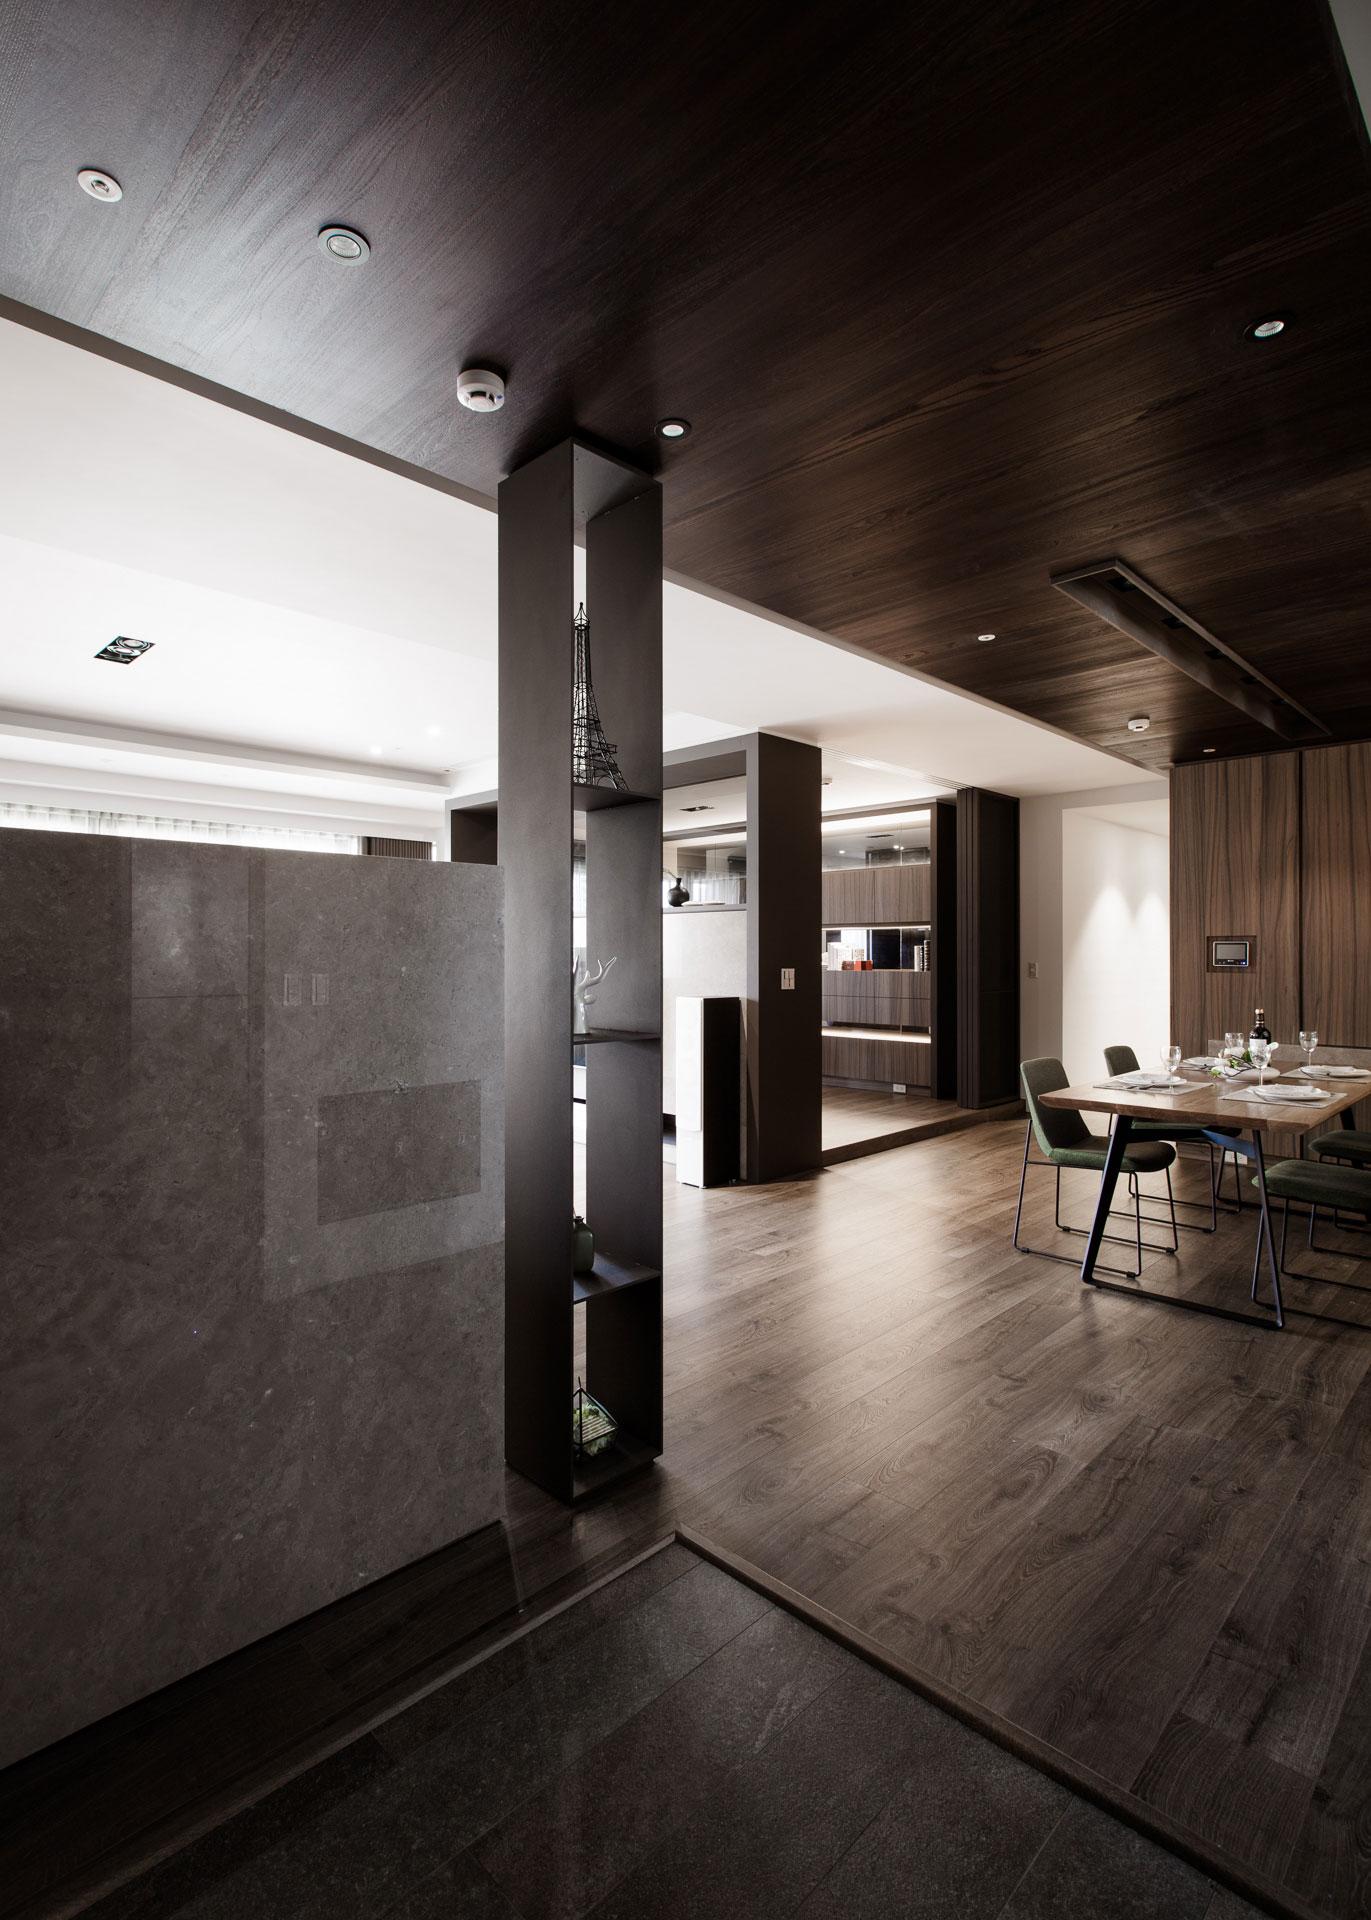 Современные апартаменты в стиле минимализма в Тайване